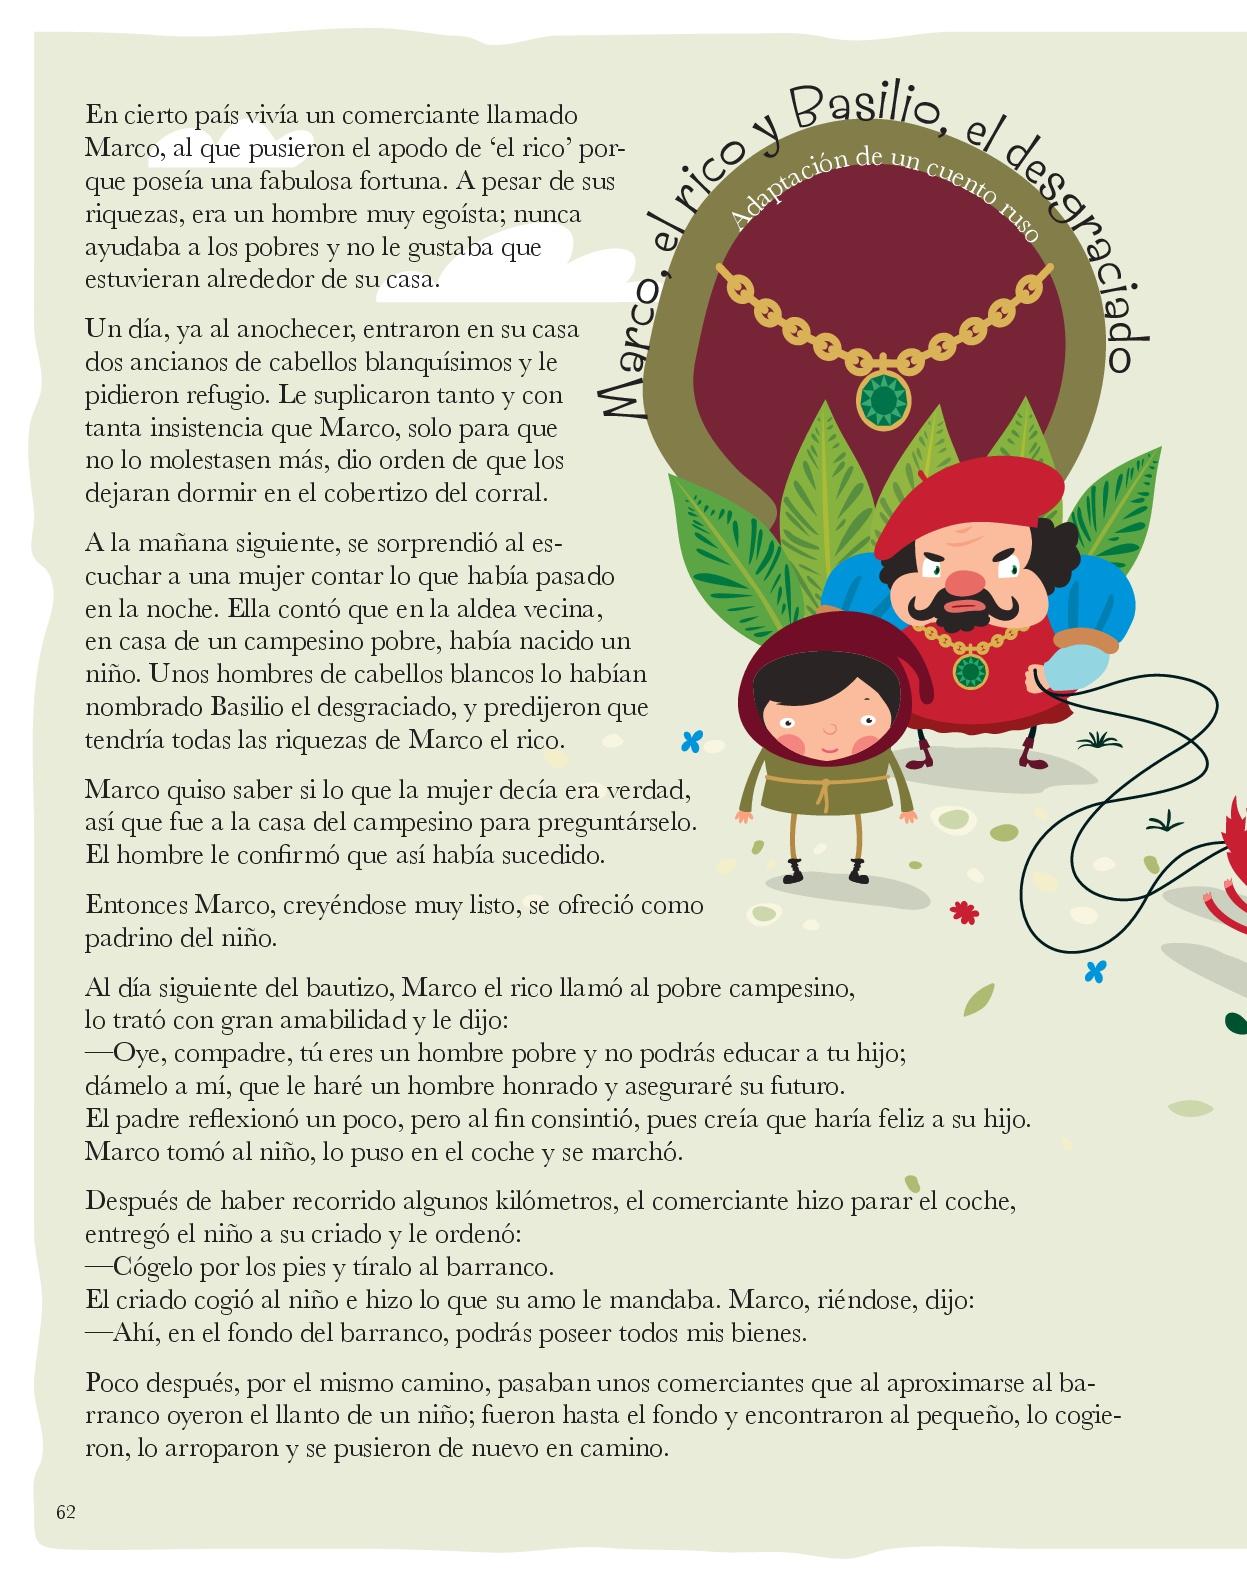 libro de cuentos para trabajar los valores con niños y niñas61 ...